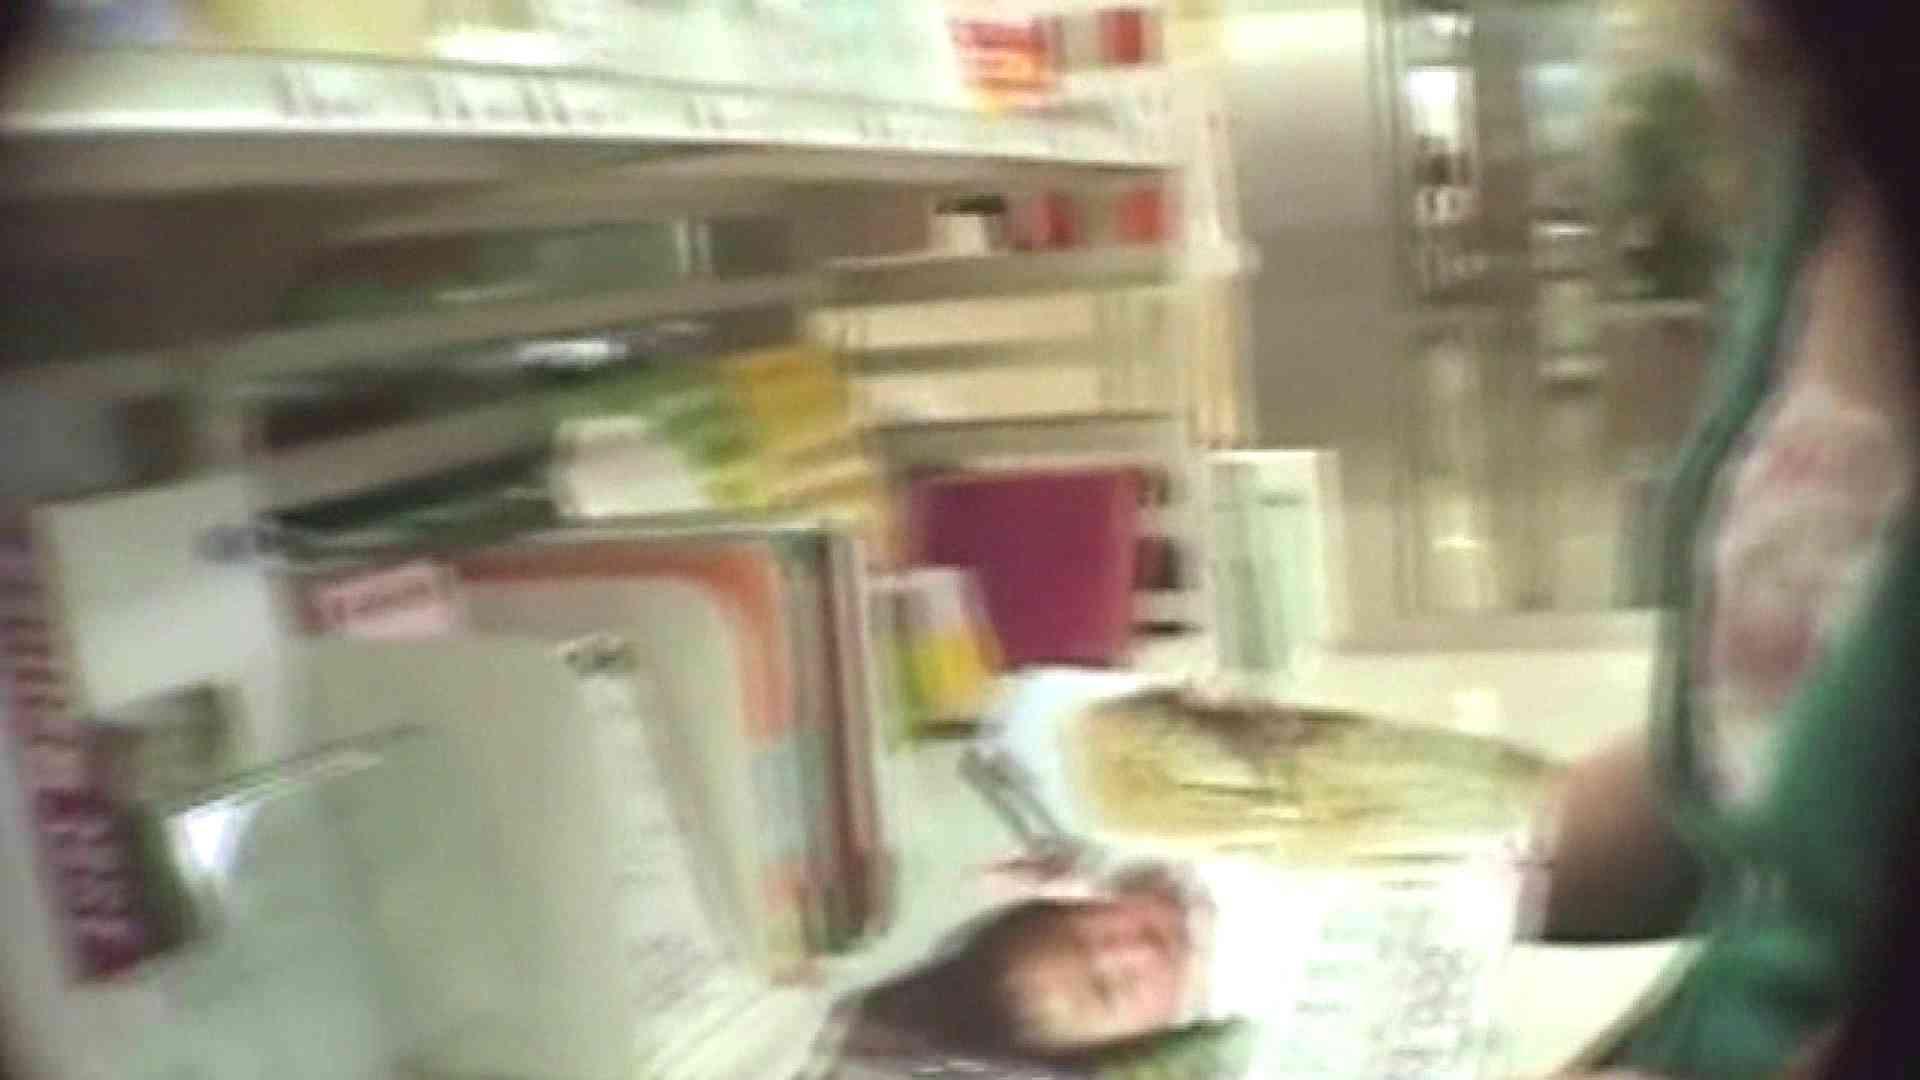 真剣に買い物中のgal達を上から下から狙います。vol.06 JKのエロ生活 | OLのエロ生活  106連発 1